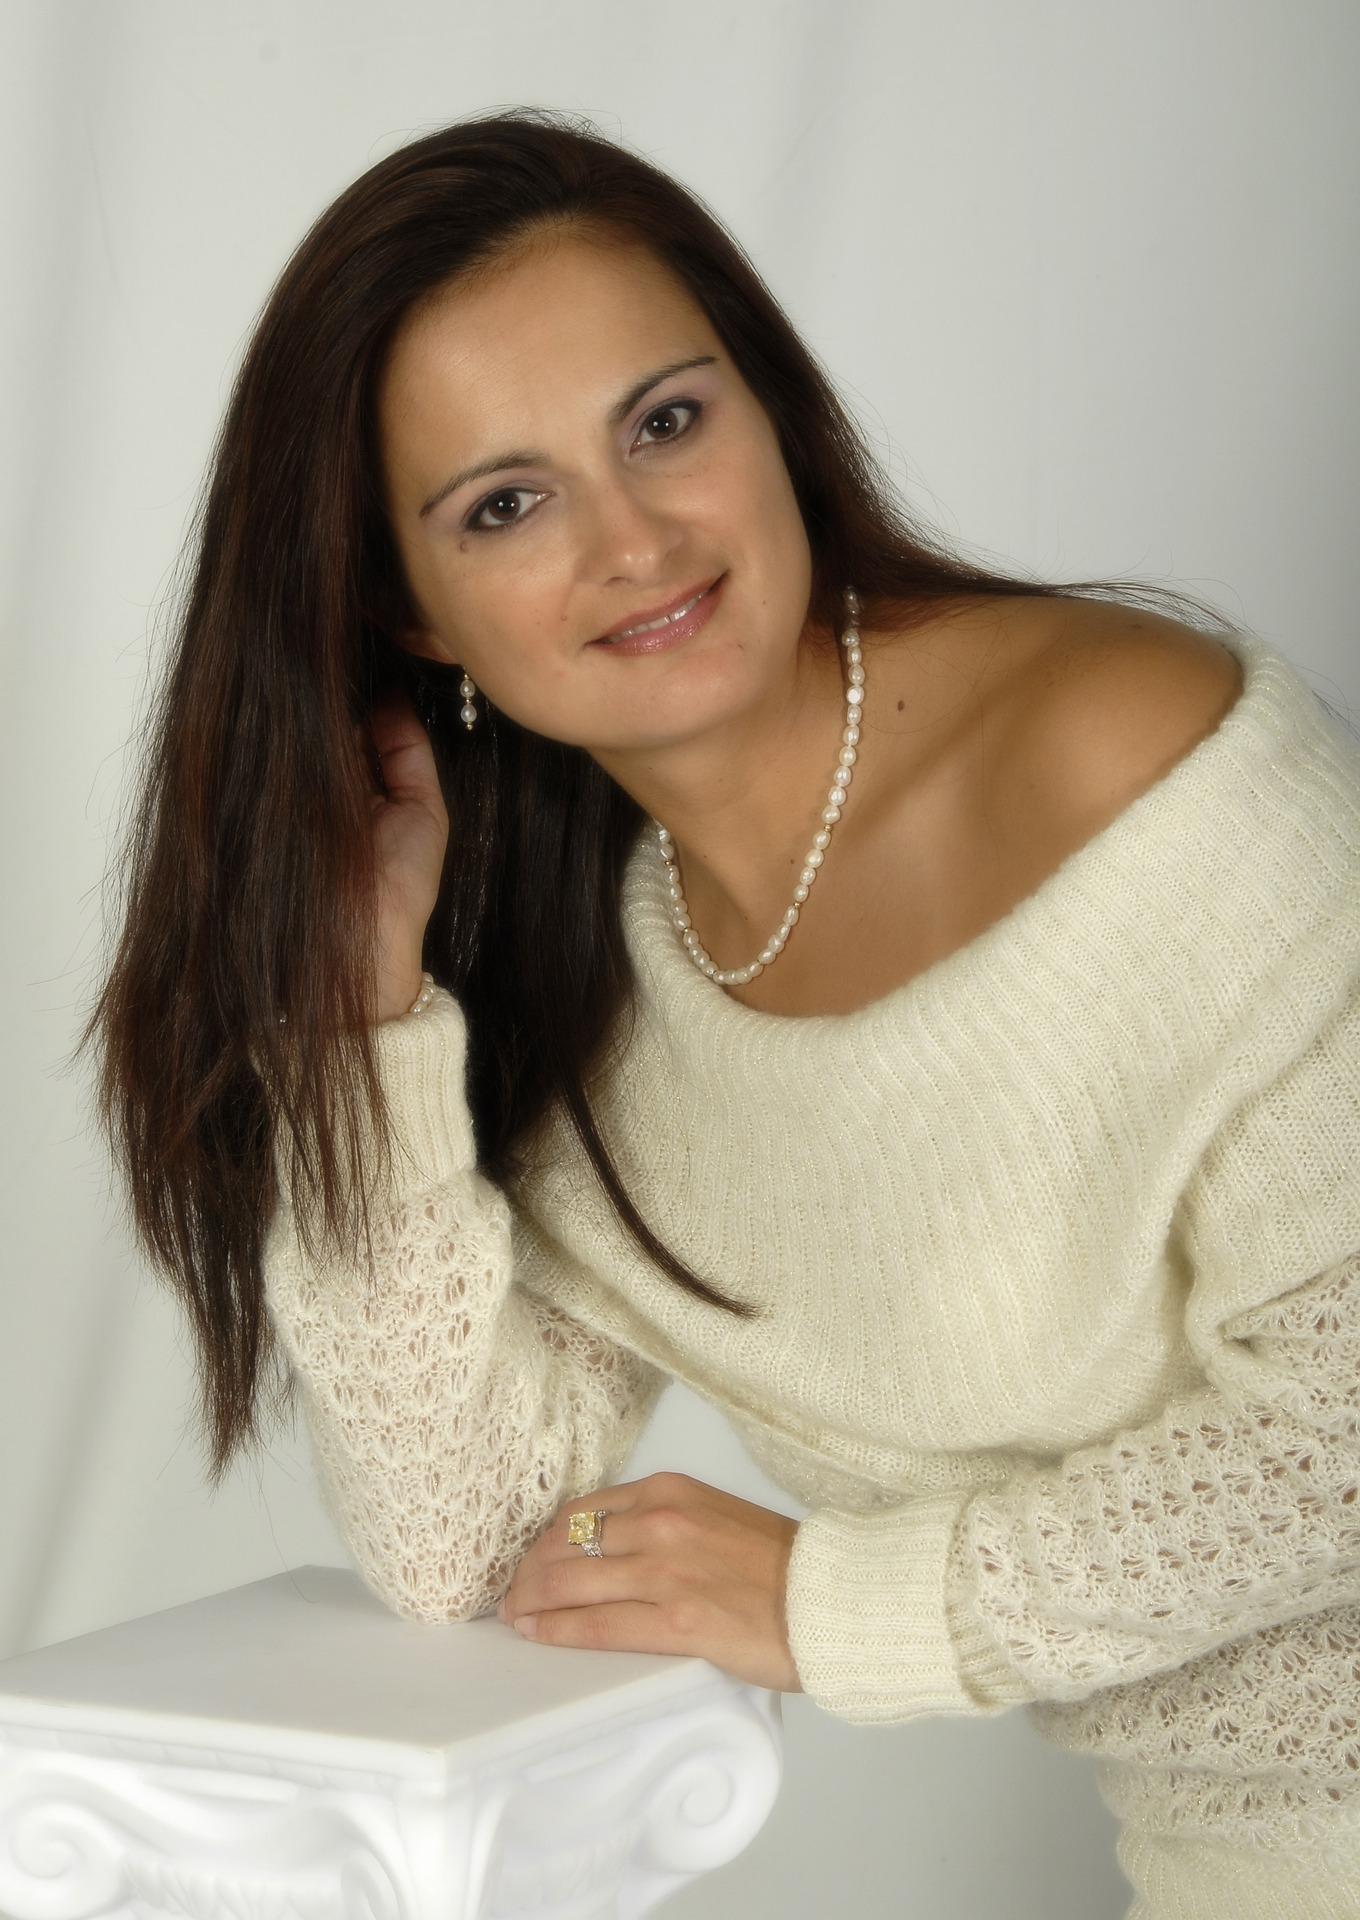 רבקה טולדאנו